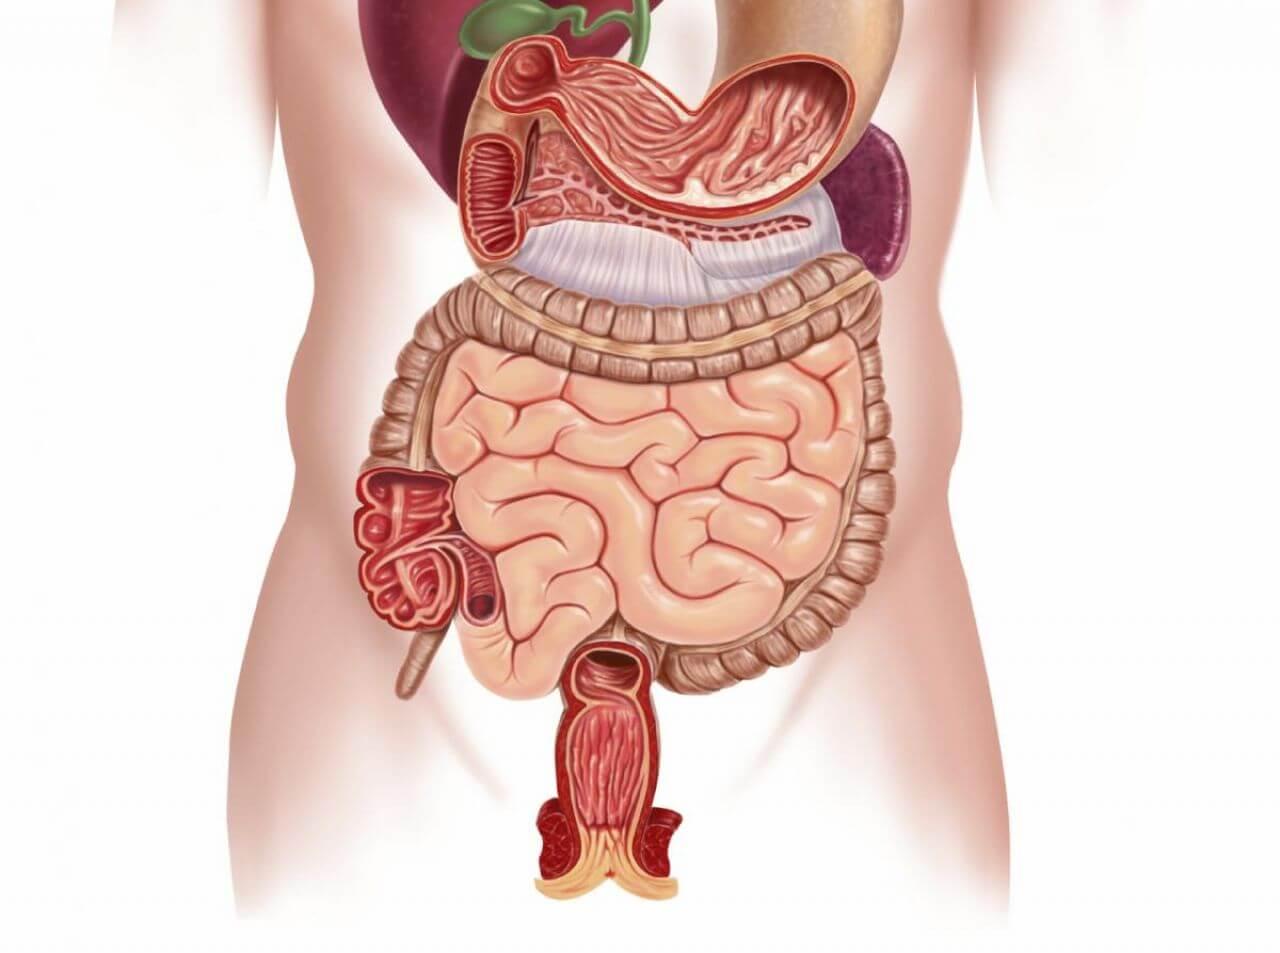 Заболевания ЖКТ: симптомы различных патологий отделов пищеварительной системы человека